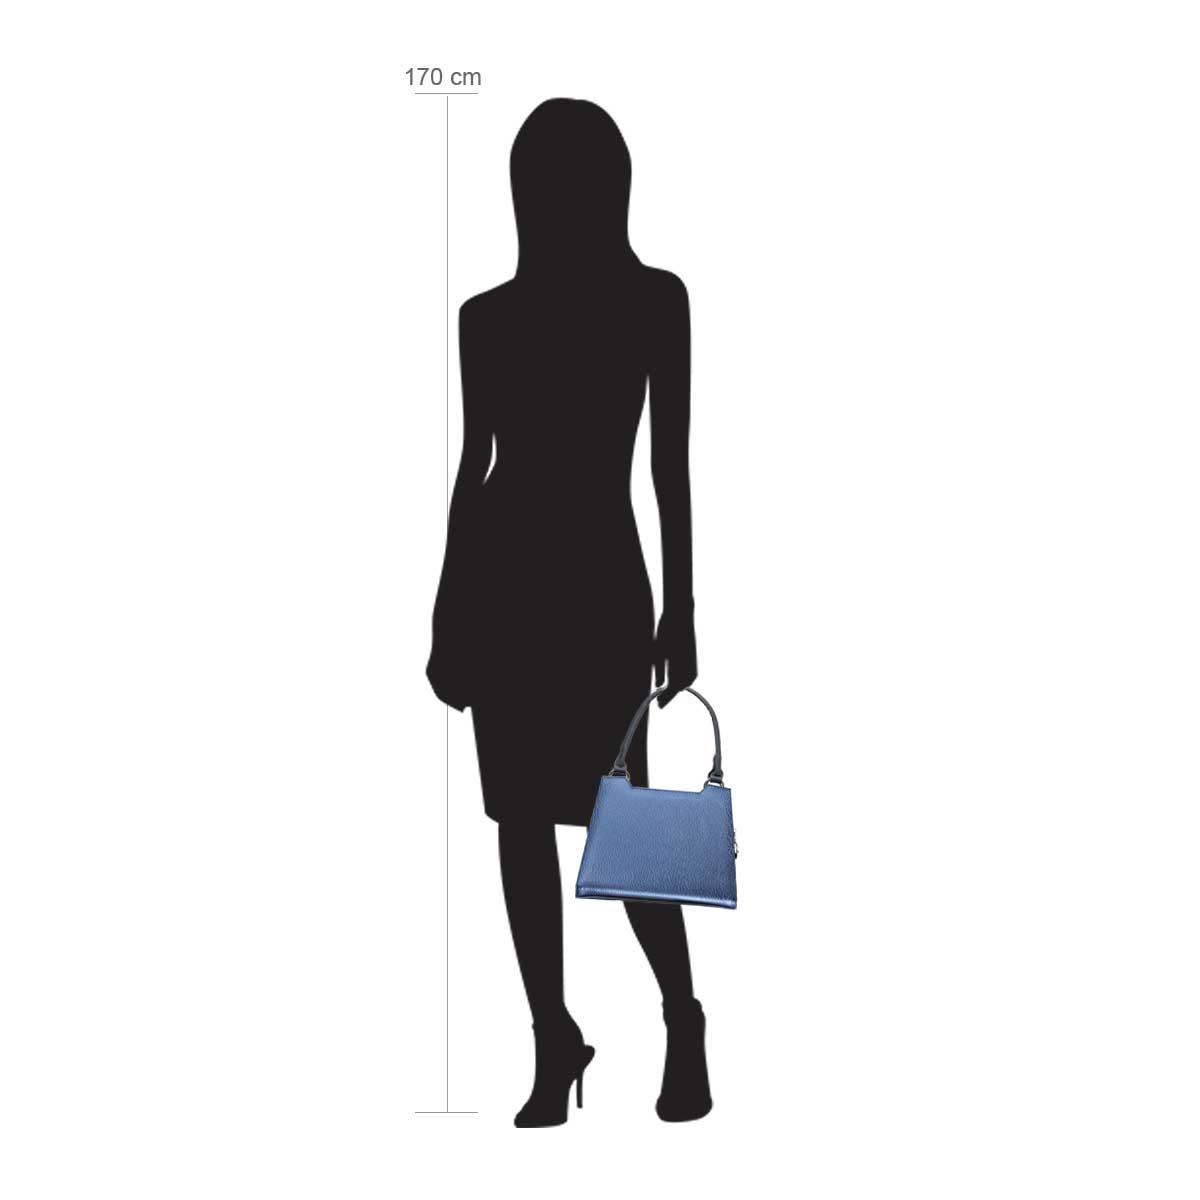 Modellpuppe 170 cm groß zeigt die Handtaschengröße an der Person Modell:Juneau